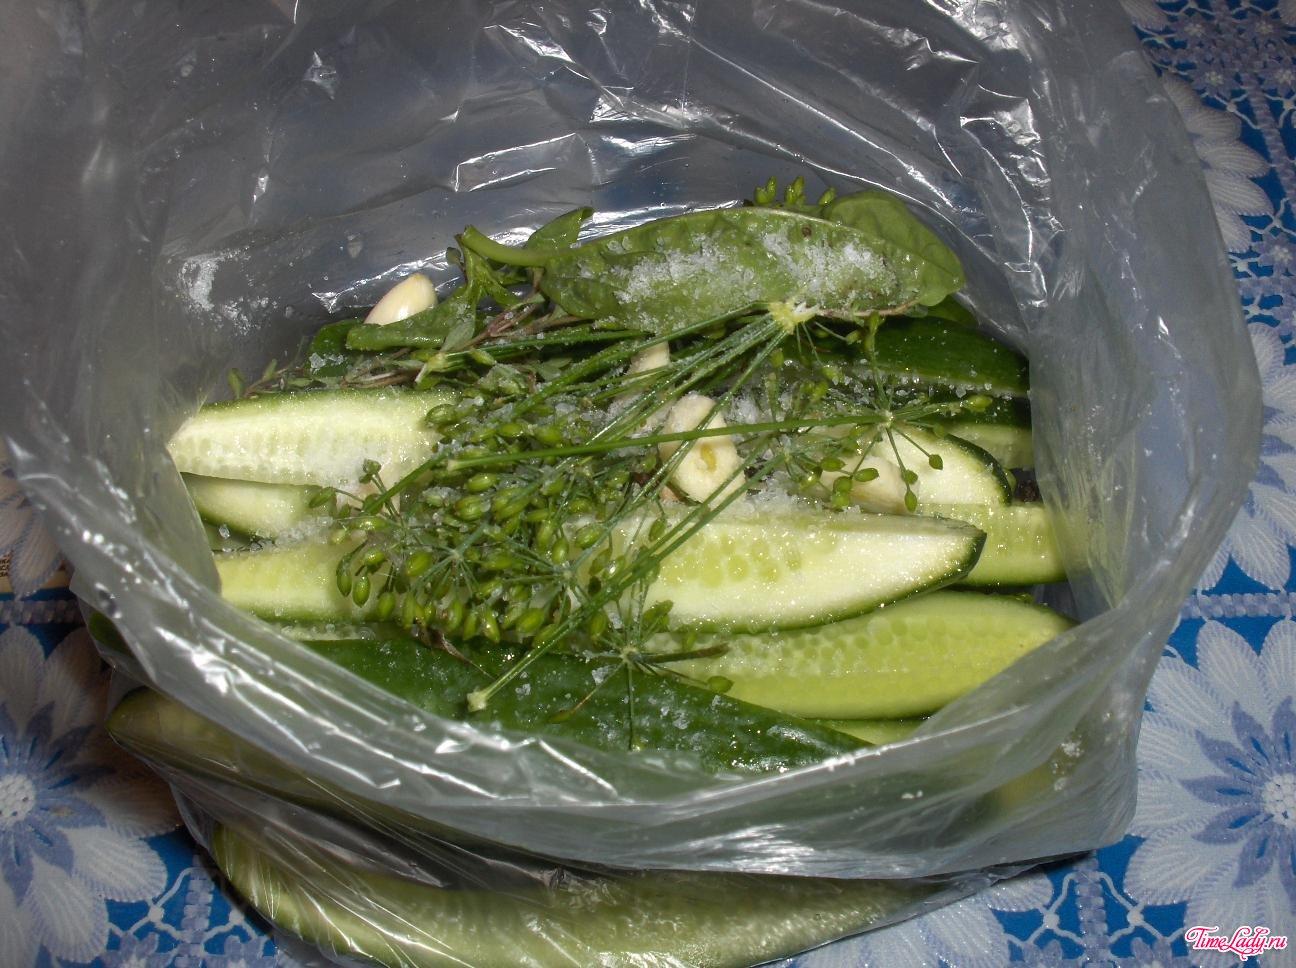 Рецепт малосольных огурцов хрустящих с холодной водой 64